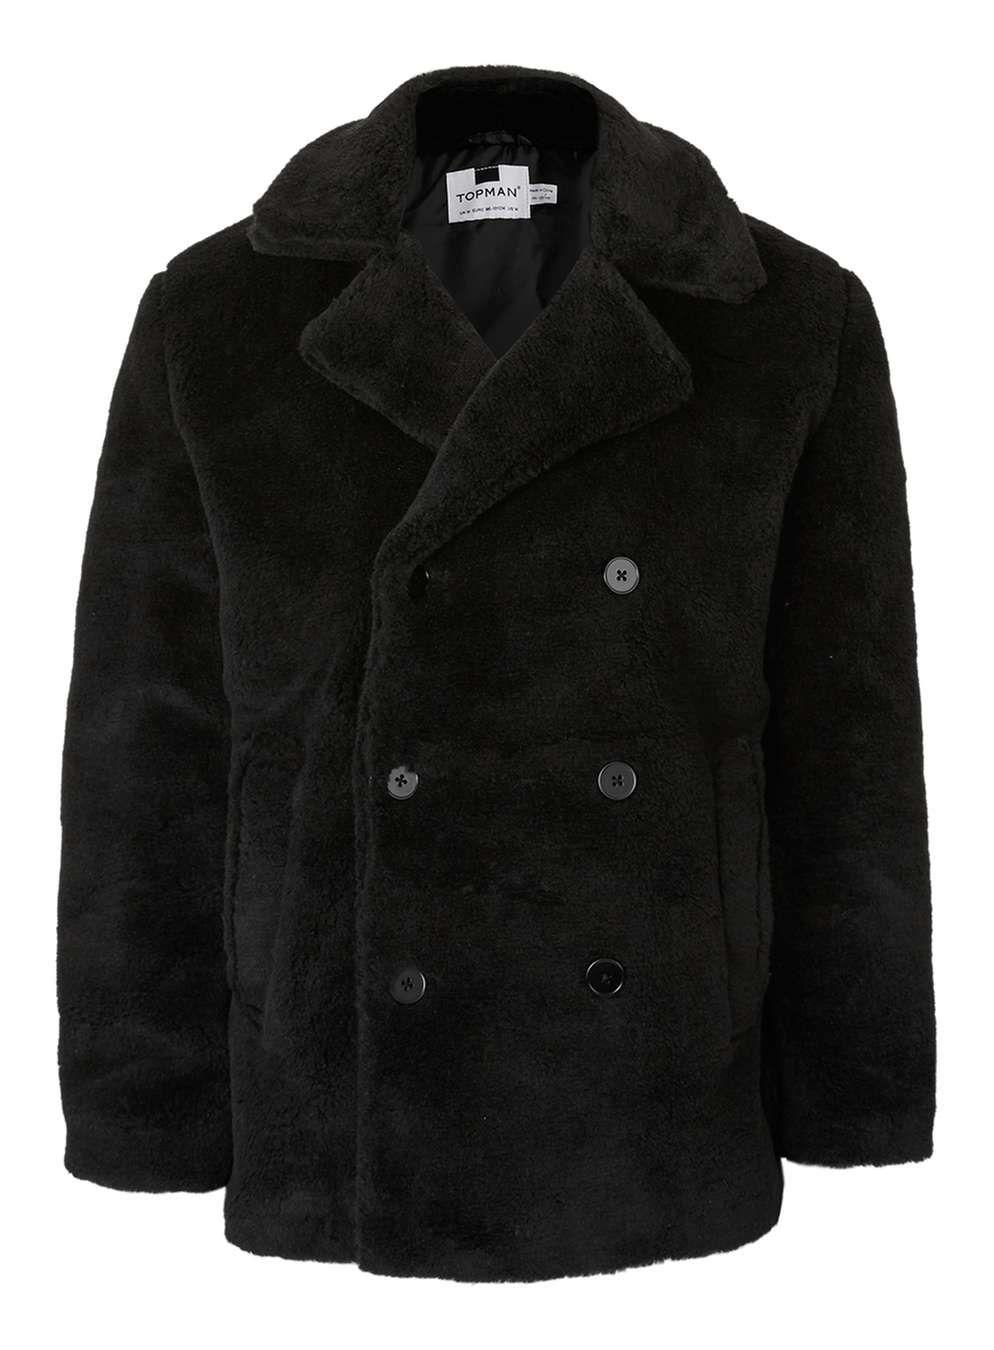 59d25d727cc Black Faux Fur Peacoat - Men s Coats   Jackets - Clothing - TOPMAN ...